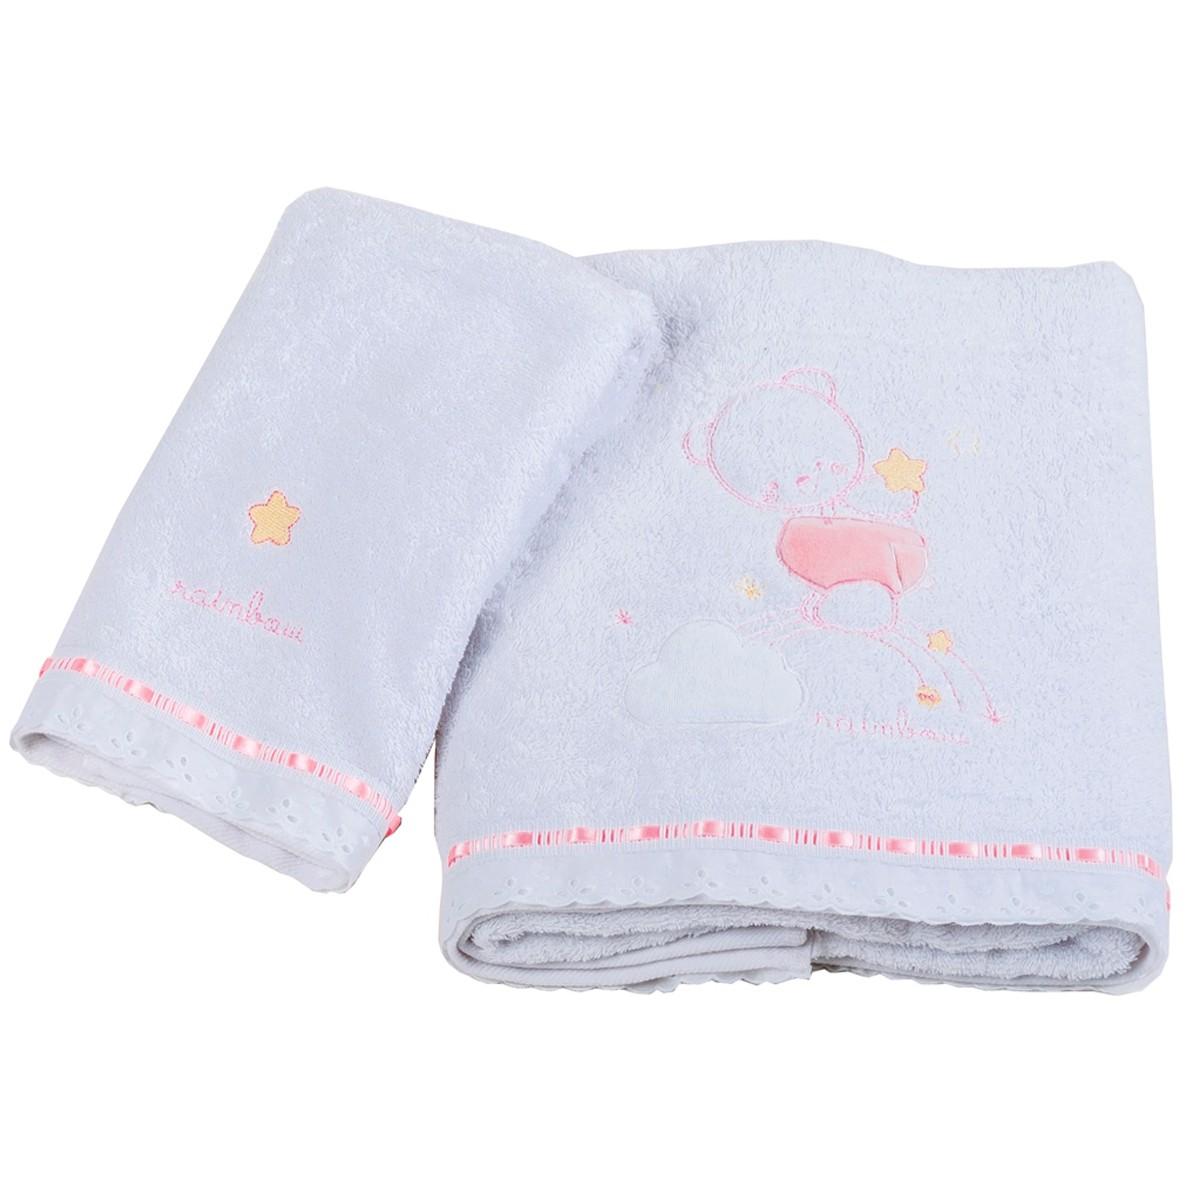 Βρεφικές Πετσέτες (Σετ 2τμχ) Κόσμος Του Μωρού Rainbow 0560 Ροζ